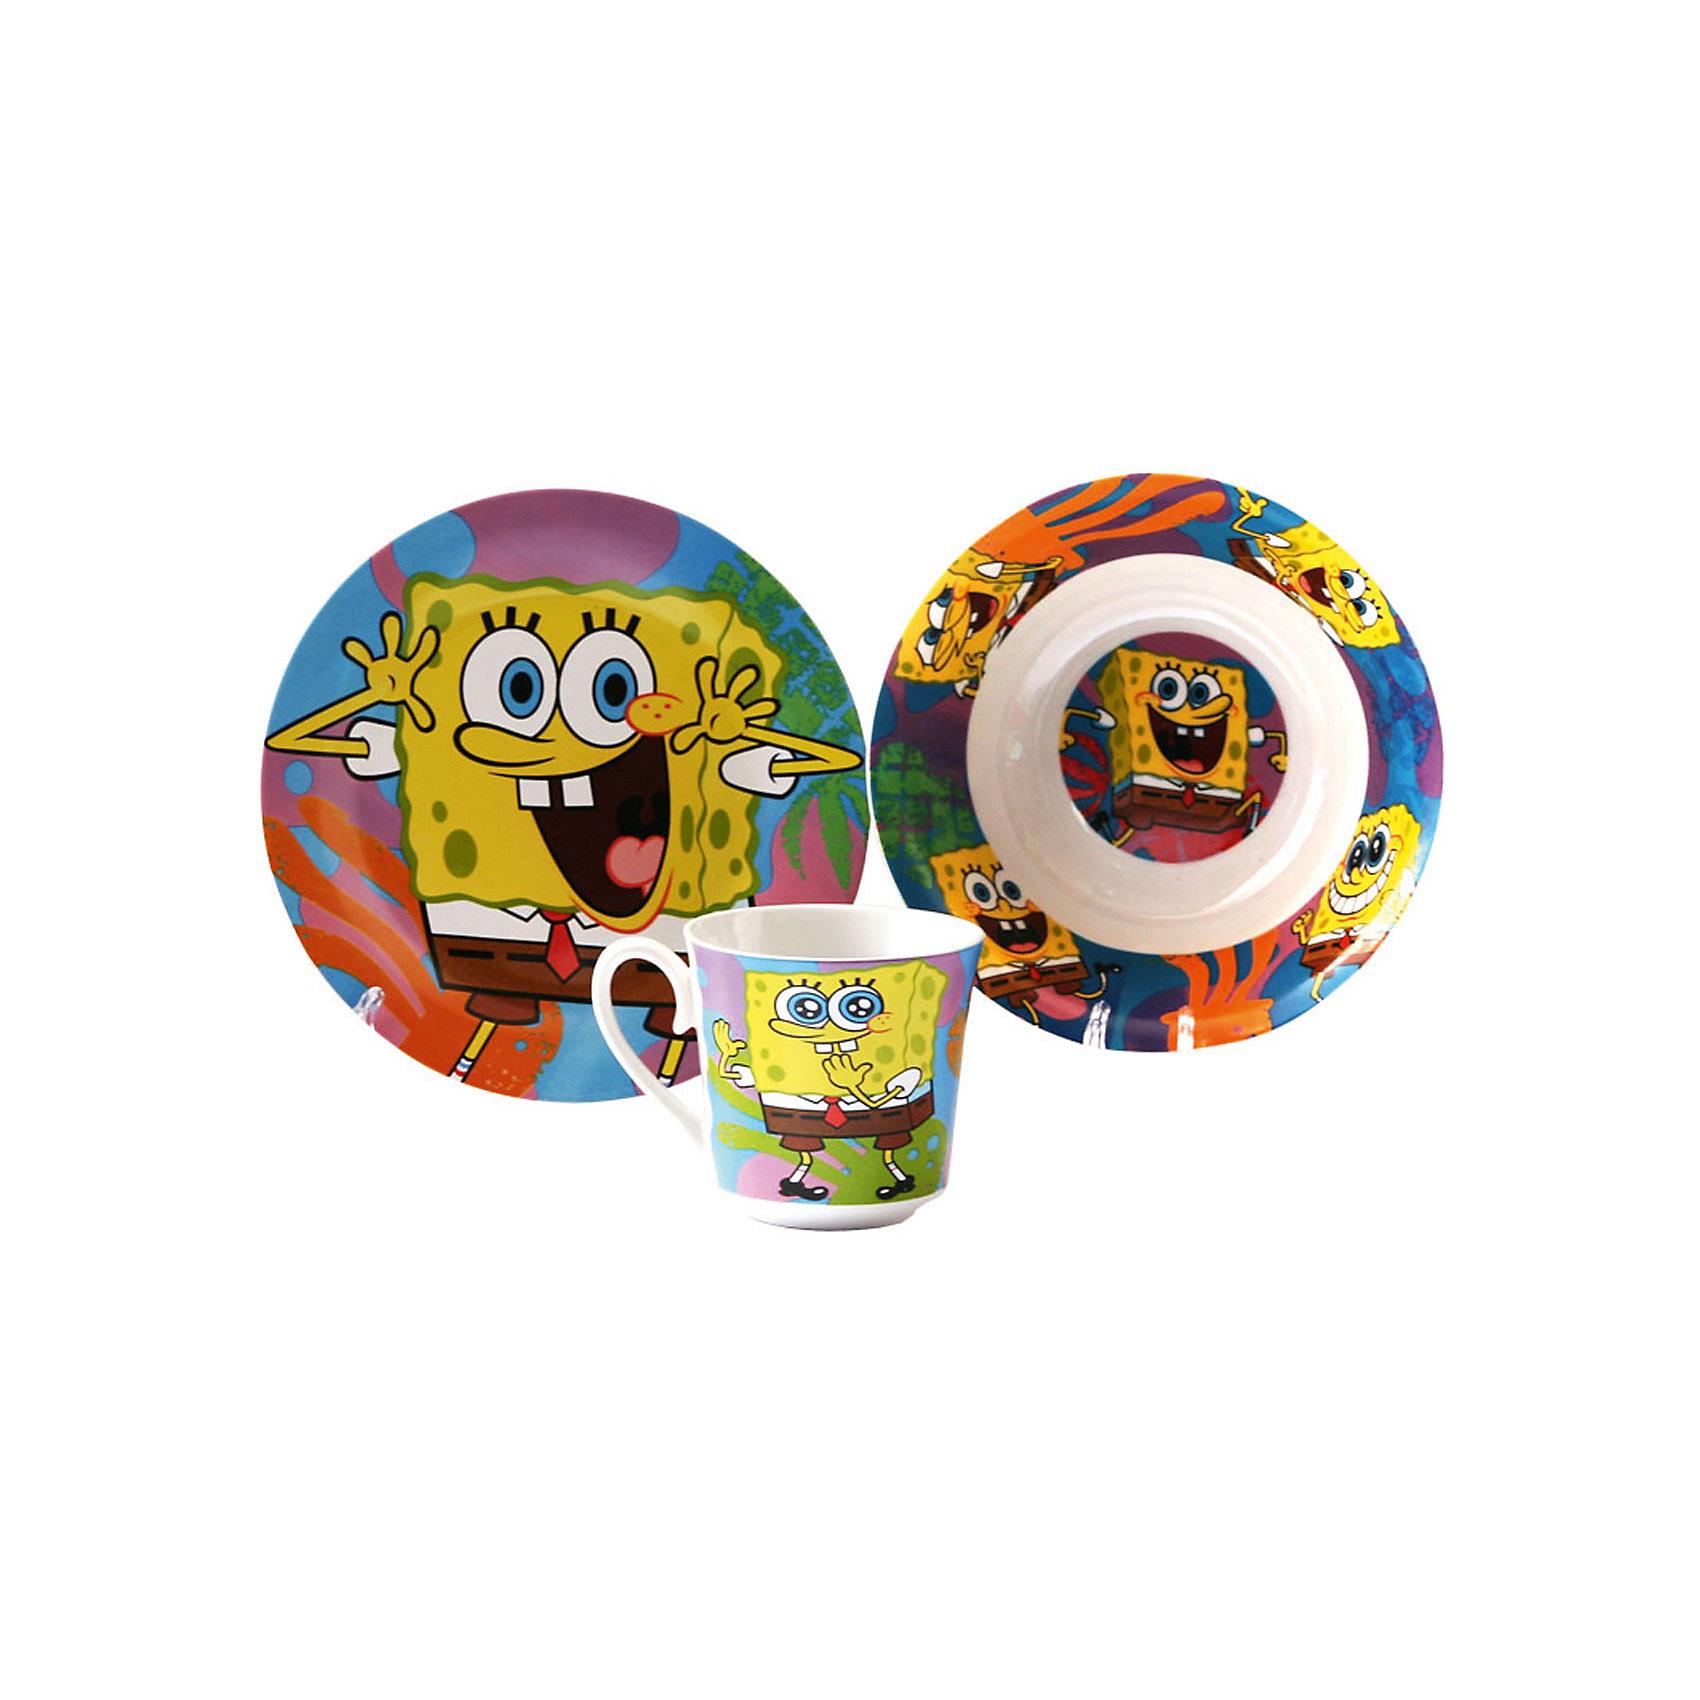 Набор керамической посуды Яркий мир (3 предмета), Губка БобГубка Боб<br>Набор керамической посуды Яркий мир (3 предмета), Губка Боб - яркая посуда с героем мультсериала Губка Боб порадует Вашего ребенка.<br>Красочный набор посуды Яркий мир выполненный из качественной керамики, идеально подойдет для повседневного использования. В комплект входят: тарелка, миска и кружка. Все предметы выполнены в оригинальном дизайне с изображением веселого, жизнерадостного Губки Боба. Набор упакован в подарочную коробку из плотного картона. Набор посуды непременно доставит массу удовольствия вашему ребенку. Допустимо использование в посудомоечной машине и СВЧ-печи.<br><br>Дополнительная информация:<br><br>- В наборе: кружка 220 мл, миска 18 см, тарелка 19 см.<br>- Материал: керамика<br>- Упаковка: подарочная картонная коробка<br>- Размер упаковки: 27х9х27 см.<br>- Вес: 1 кг.<br><br>Набор керамической посуды Яркий мир (3 предмета), Губка Боб можно купить в нашем интернет-магазине.<br><br>Ширина мм: 270<br>Глубина мм: 90<br>Высота мм: 270<br>Вес г: 1000<br>Возраст от месяцев: 36<br>Возраст до месяцев: 144<br>Пол: Унисекс<br>Возраст: Детский<br>SKU: 4536218